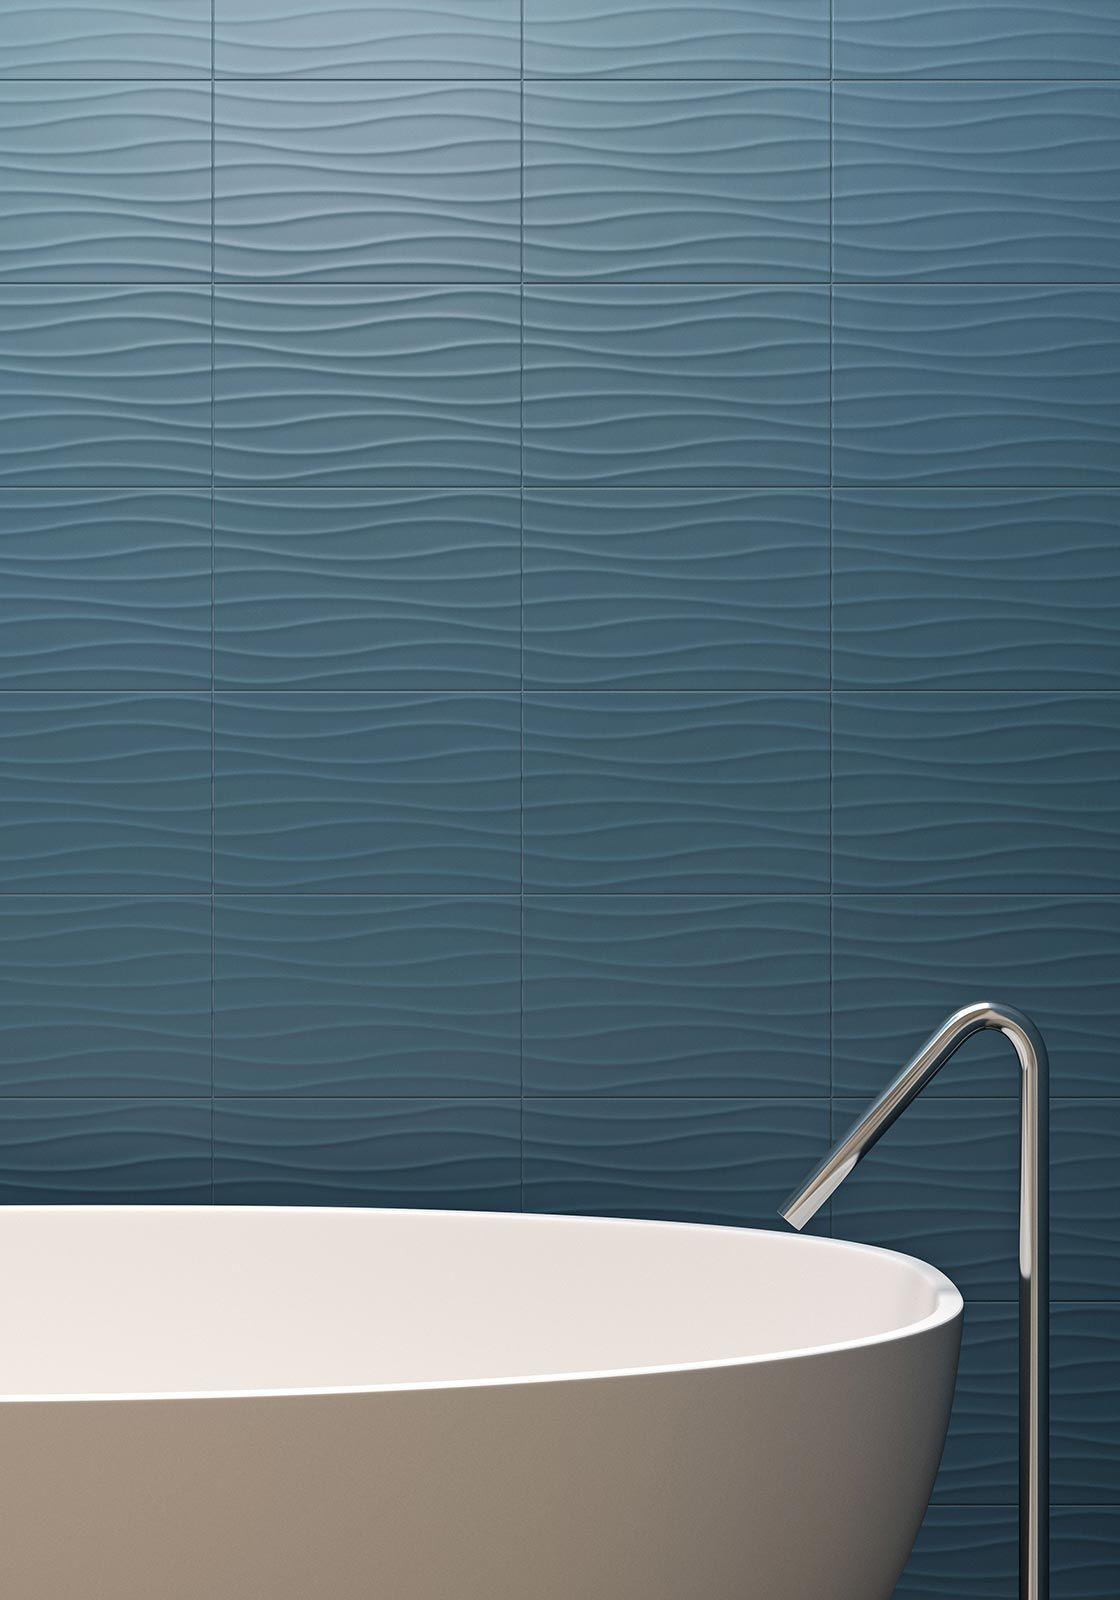 Neutral piastrelle in ceramica Marazzi_7442 | Revestimientos ...